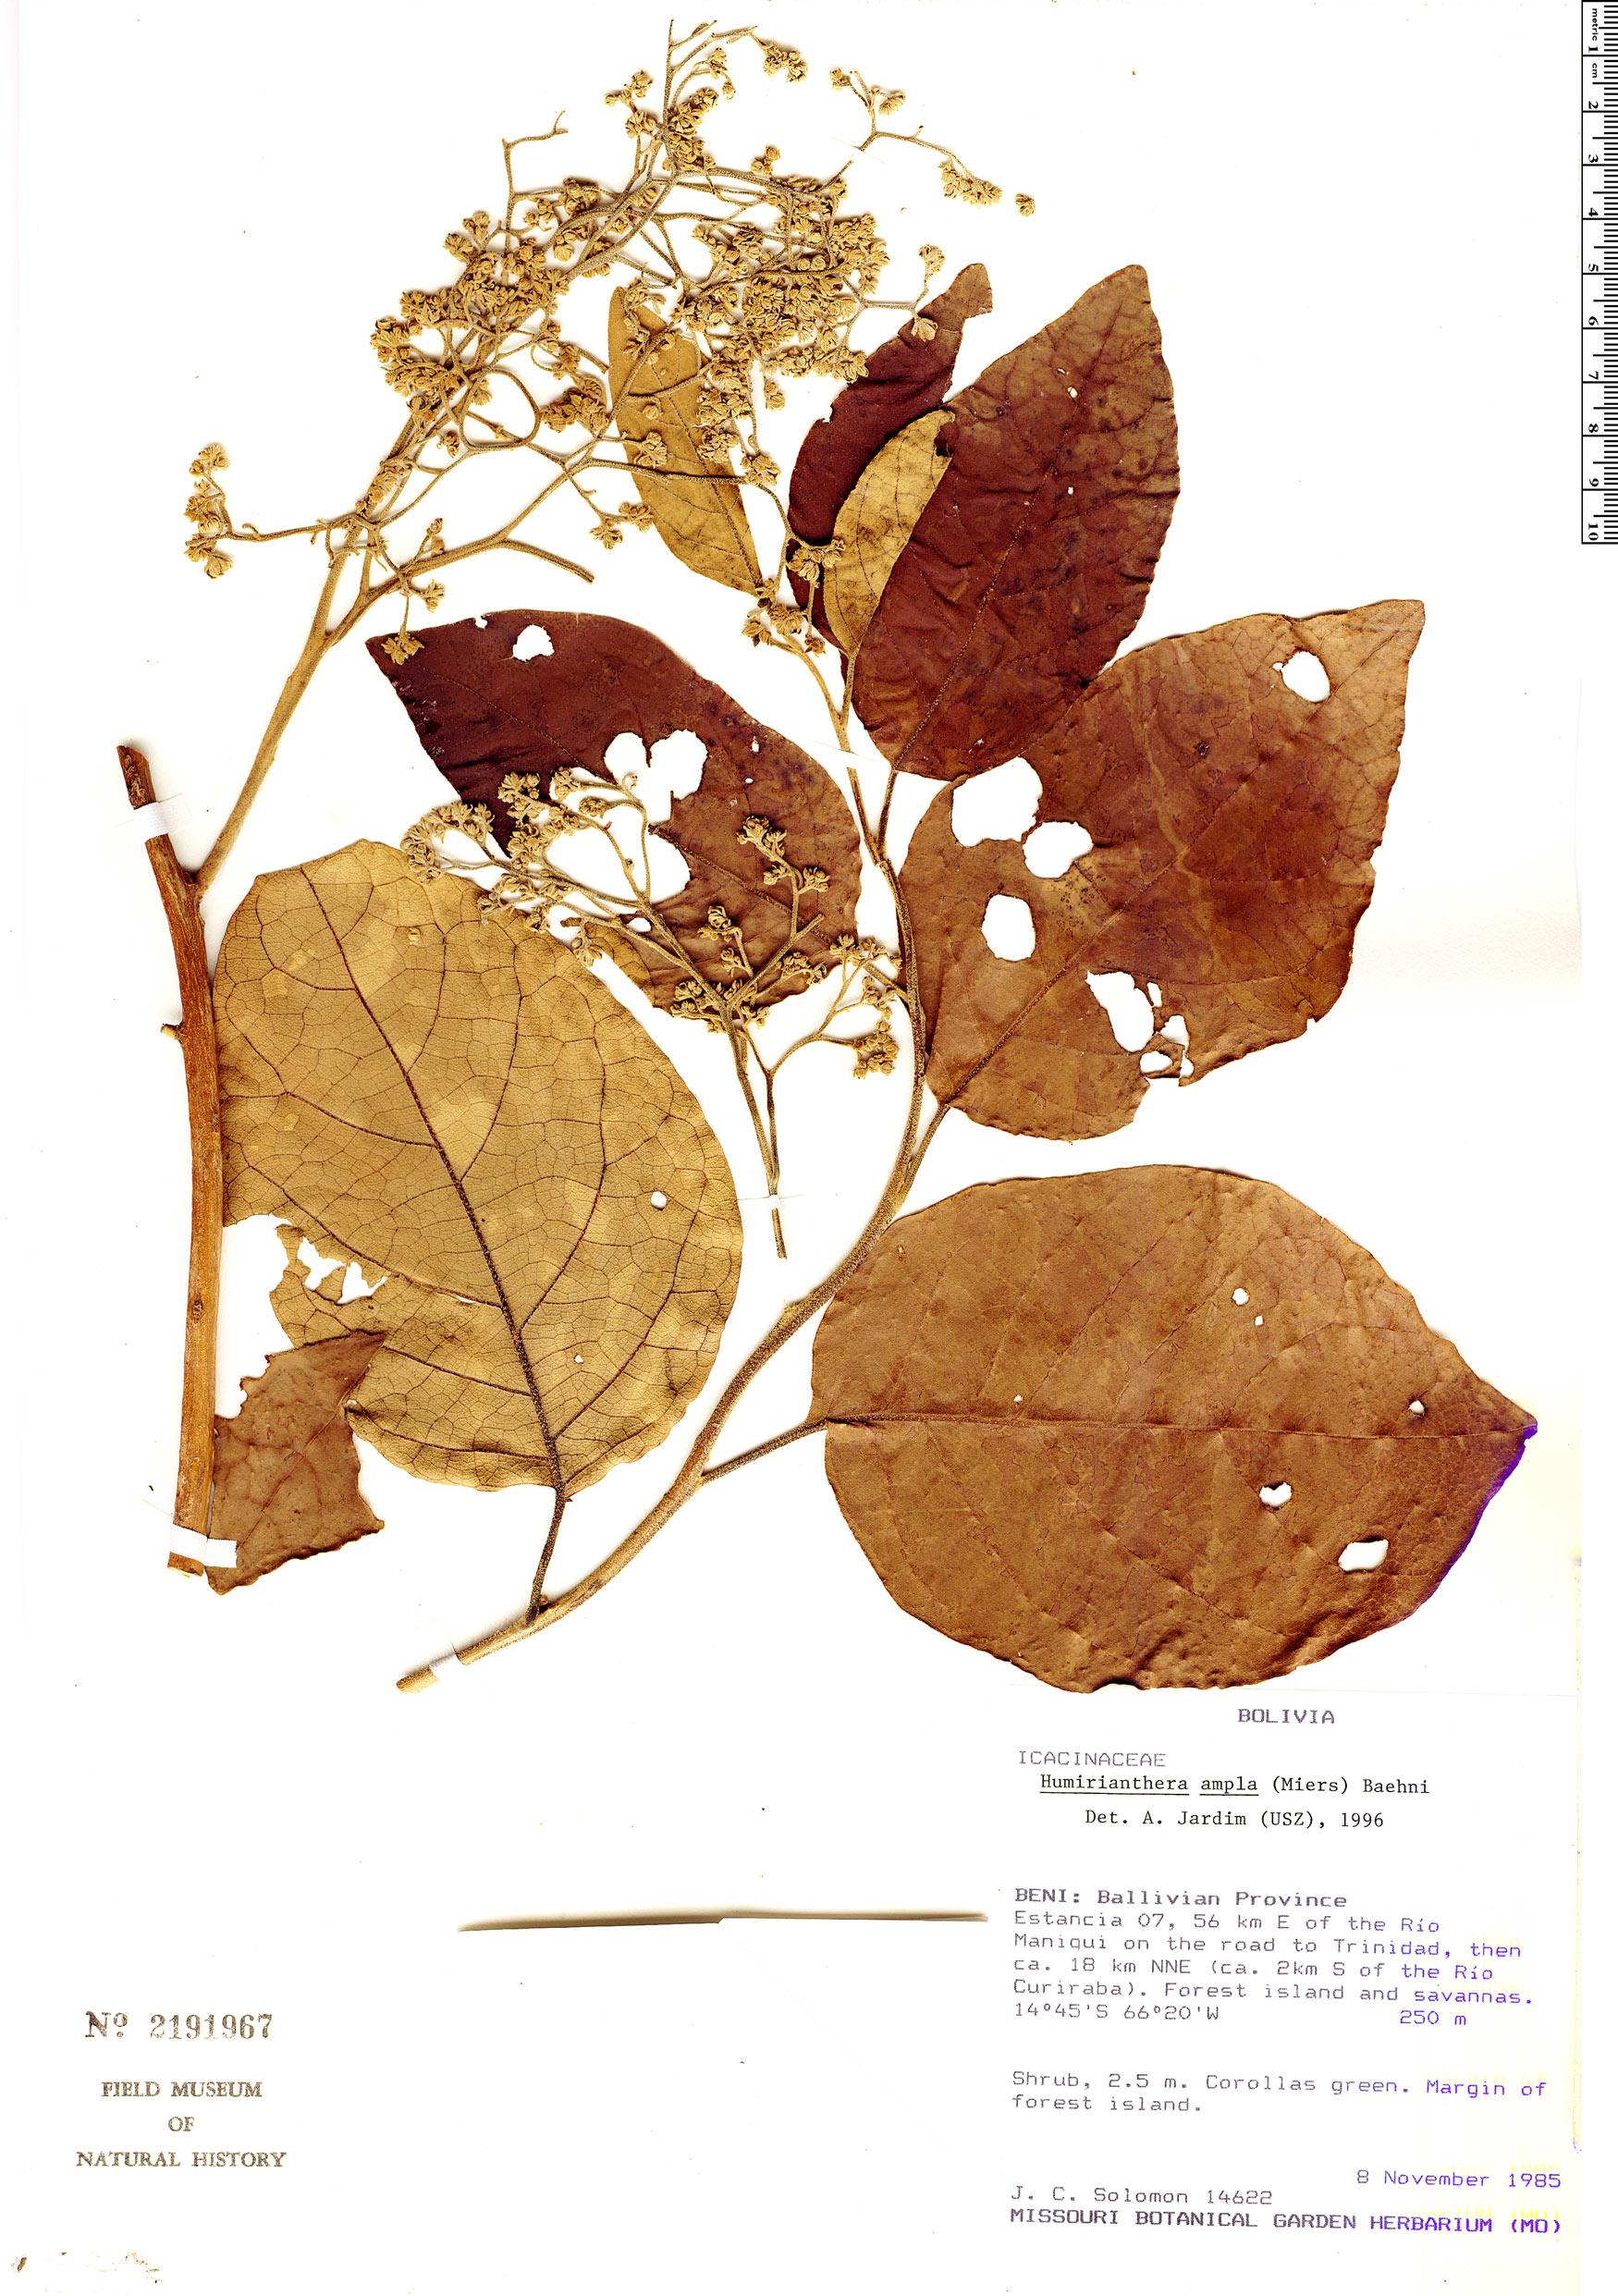 Specimen: Casimirella ampla